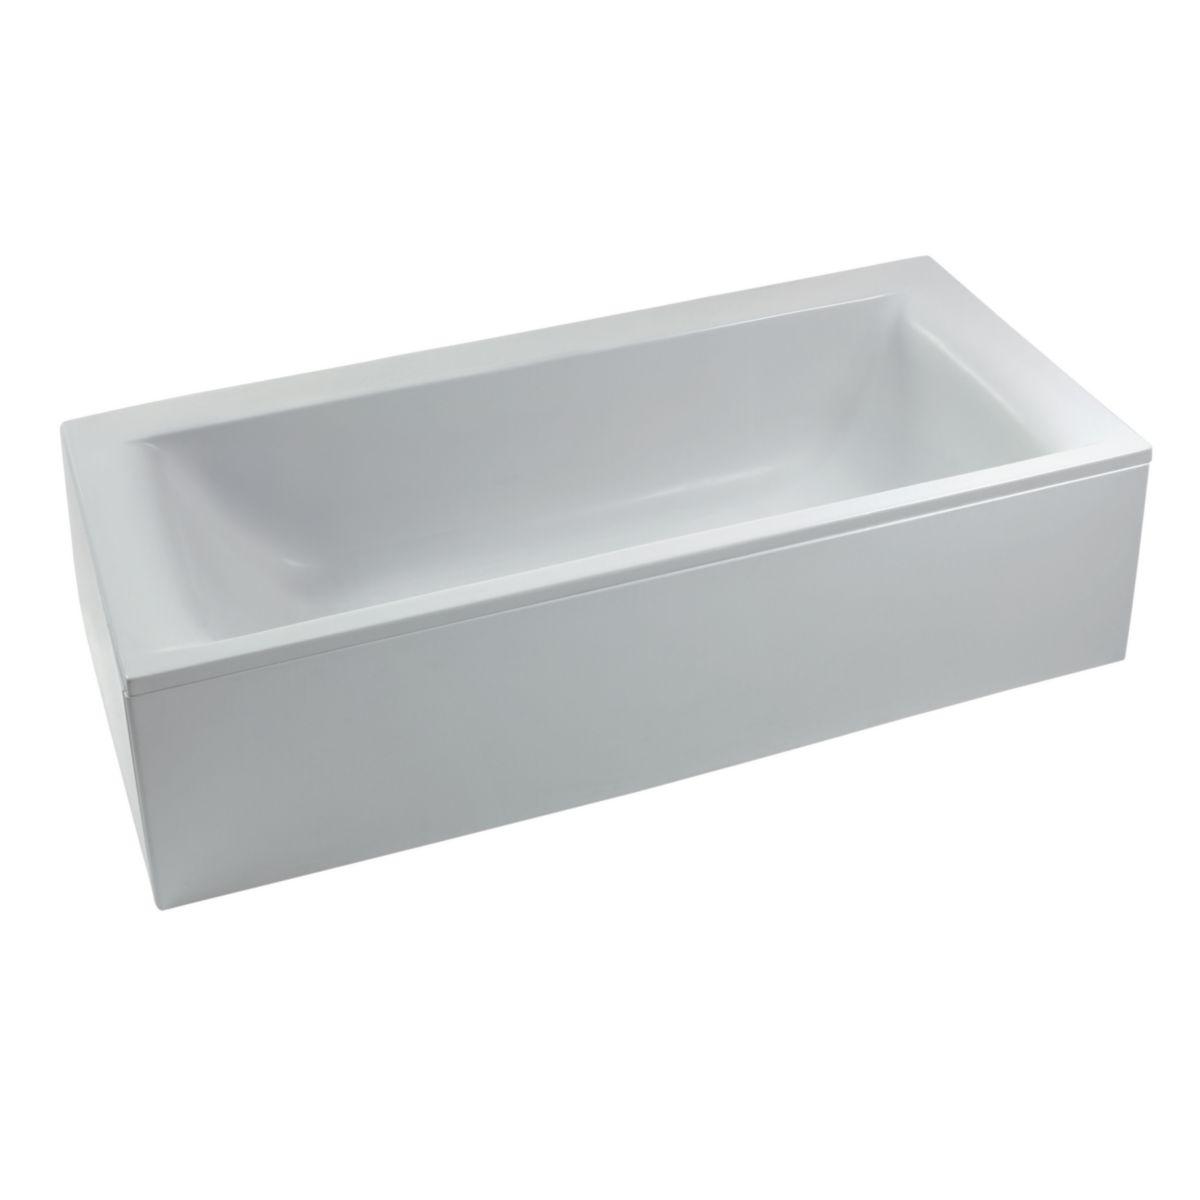 Baignoire rectangulaire connect en acrylique 170x75 cm for Envie de salle de bain